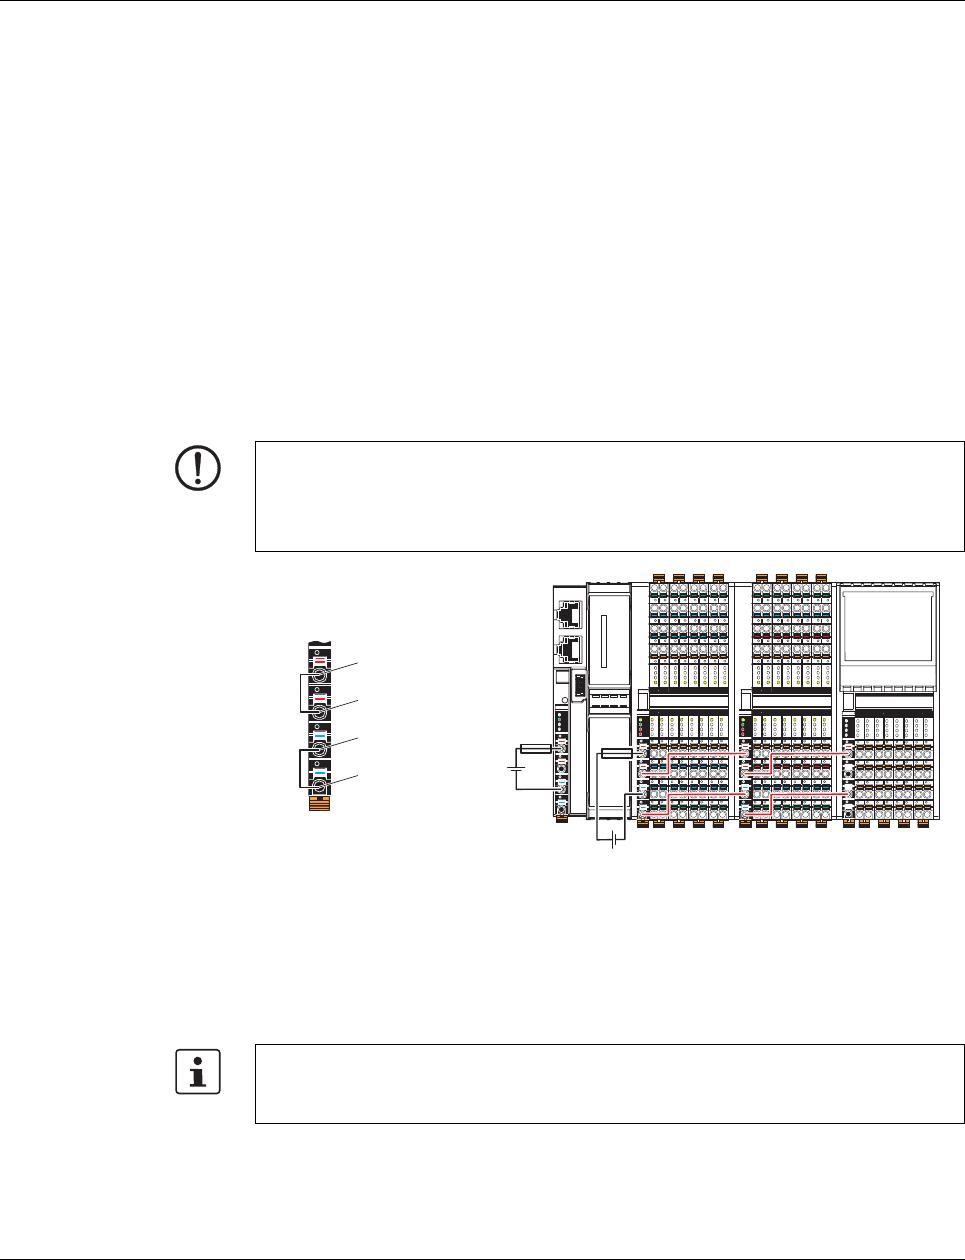 medium resolution of um en axl f sys inst